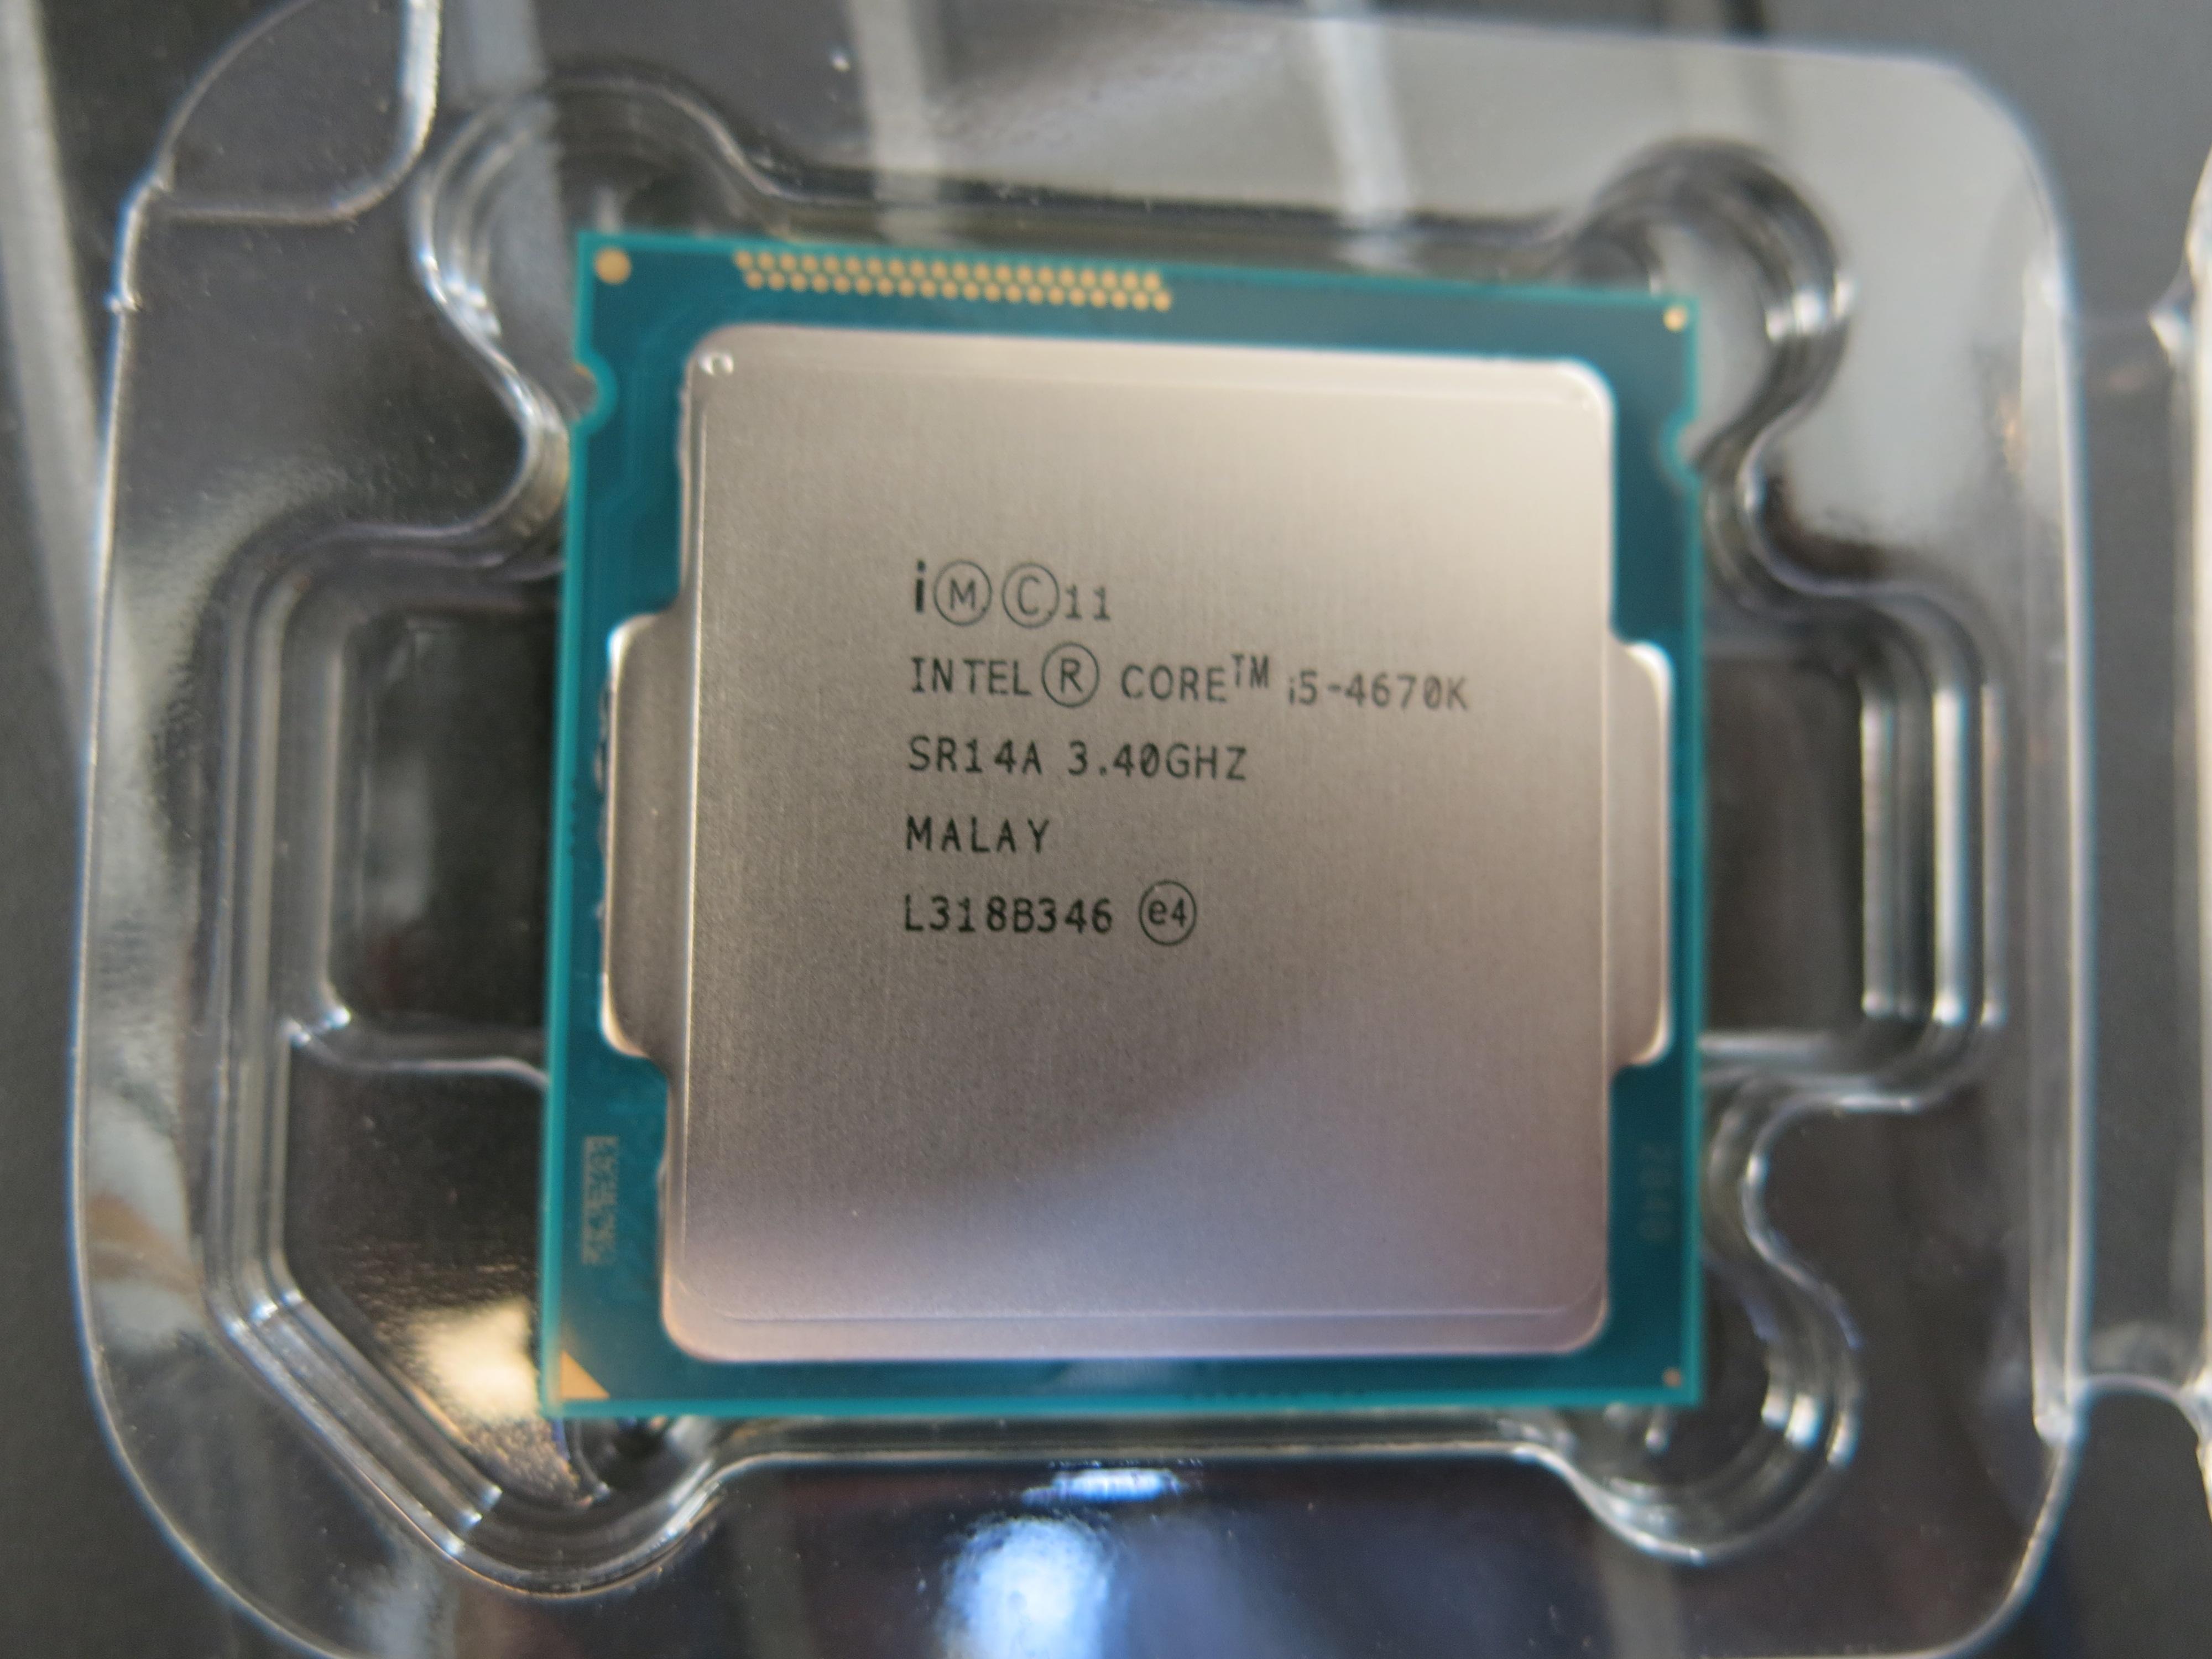 En helt fersk Intel i5 4670K av batch L318 som snart skal under hammeren. Foto: Torstein Sørnes, Hardware.no